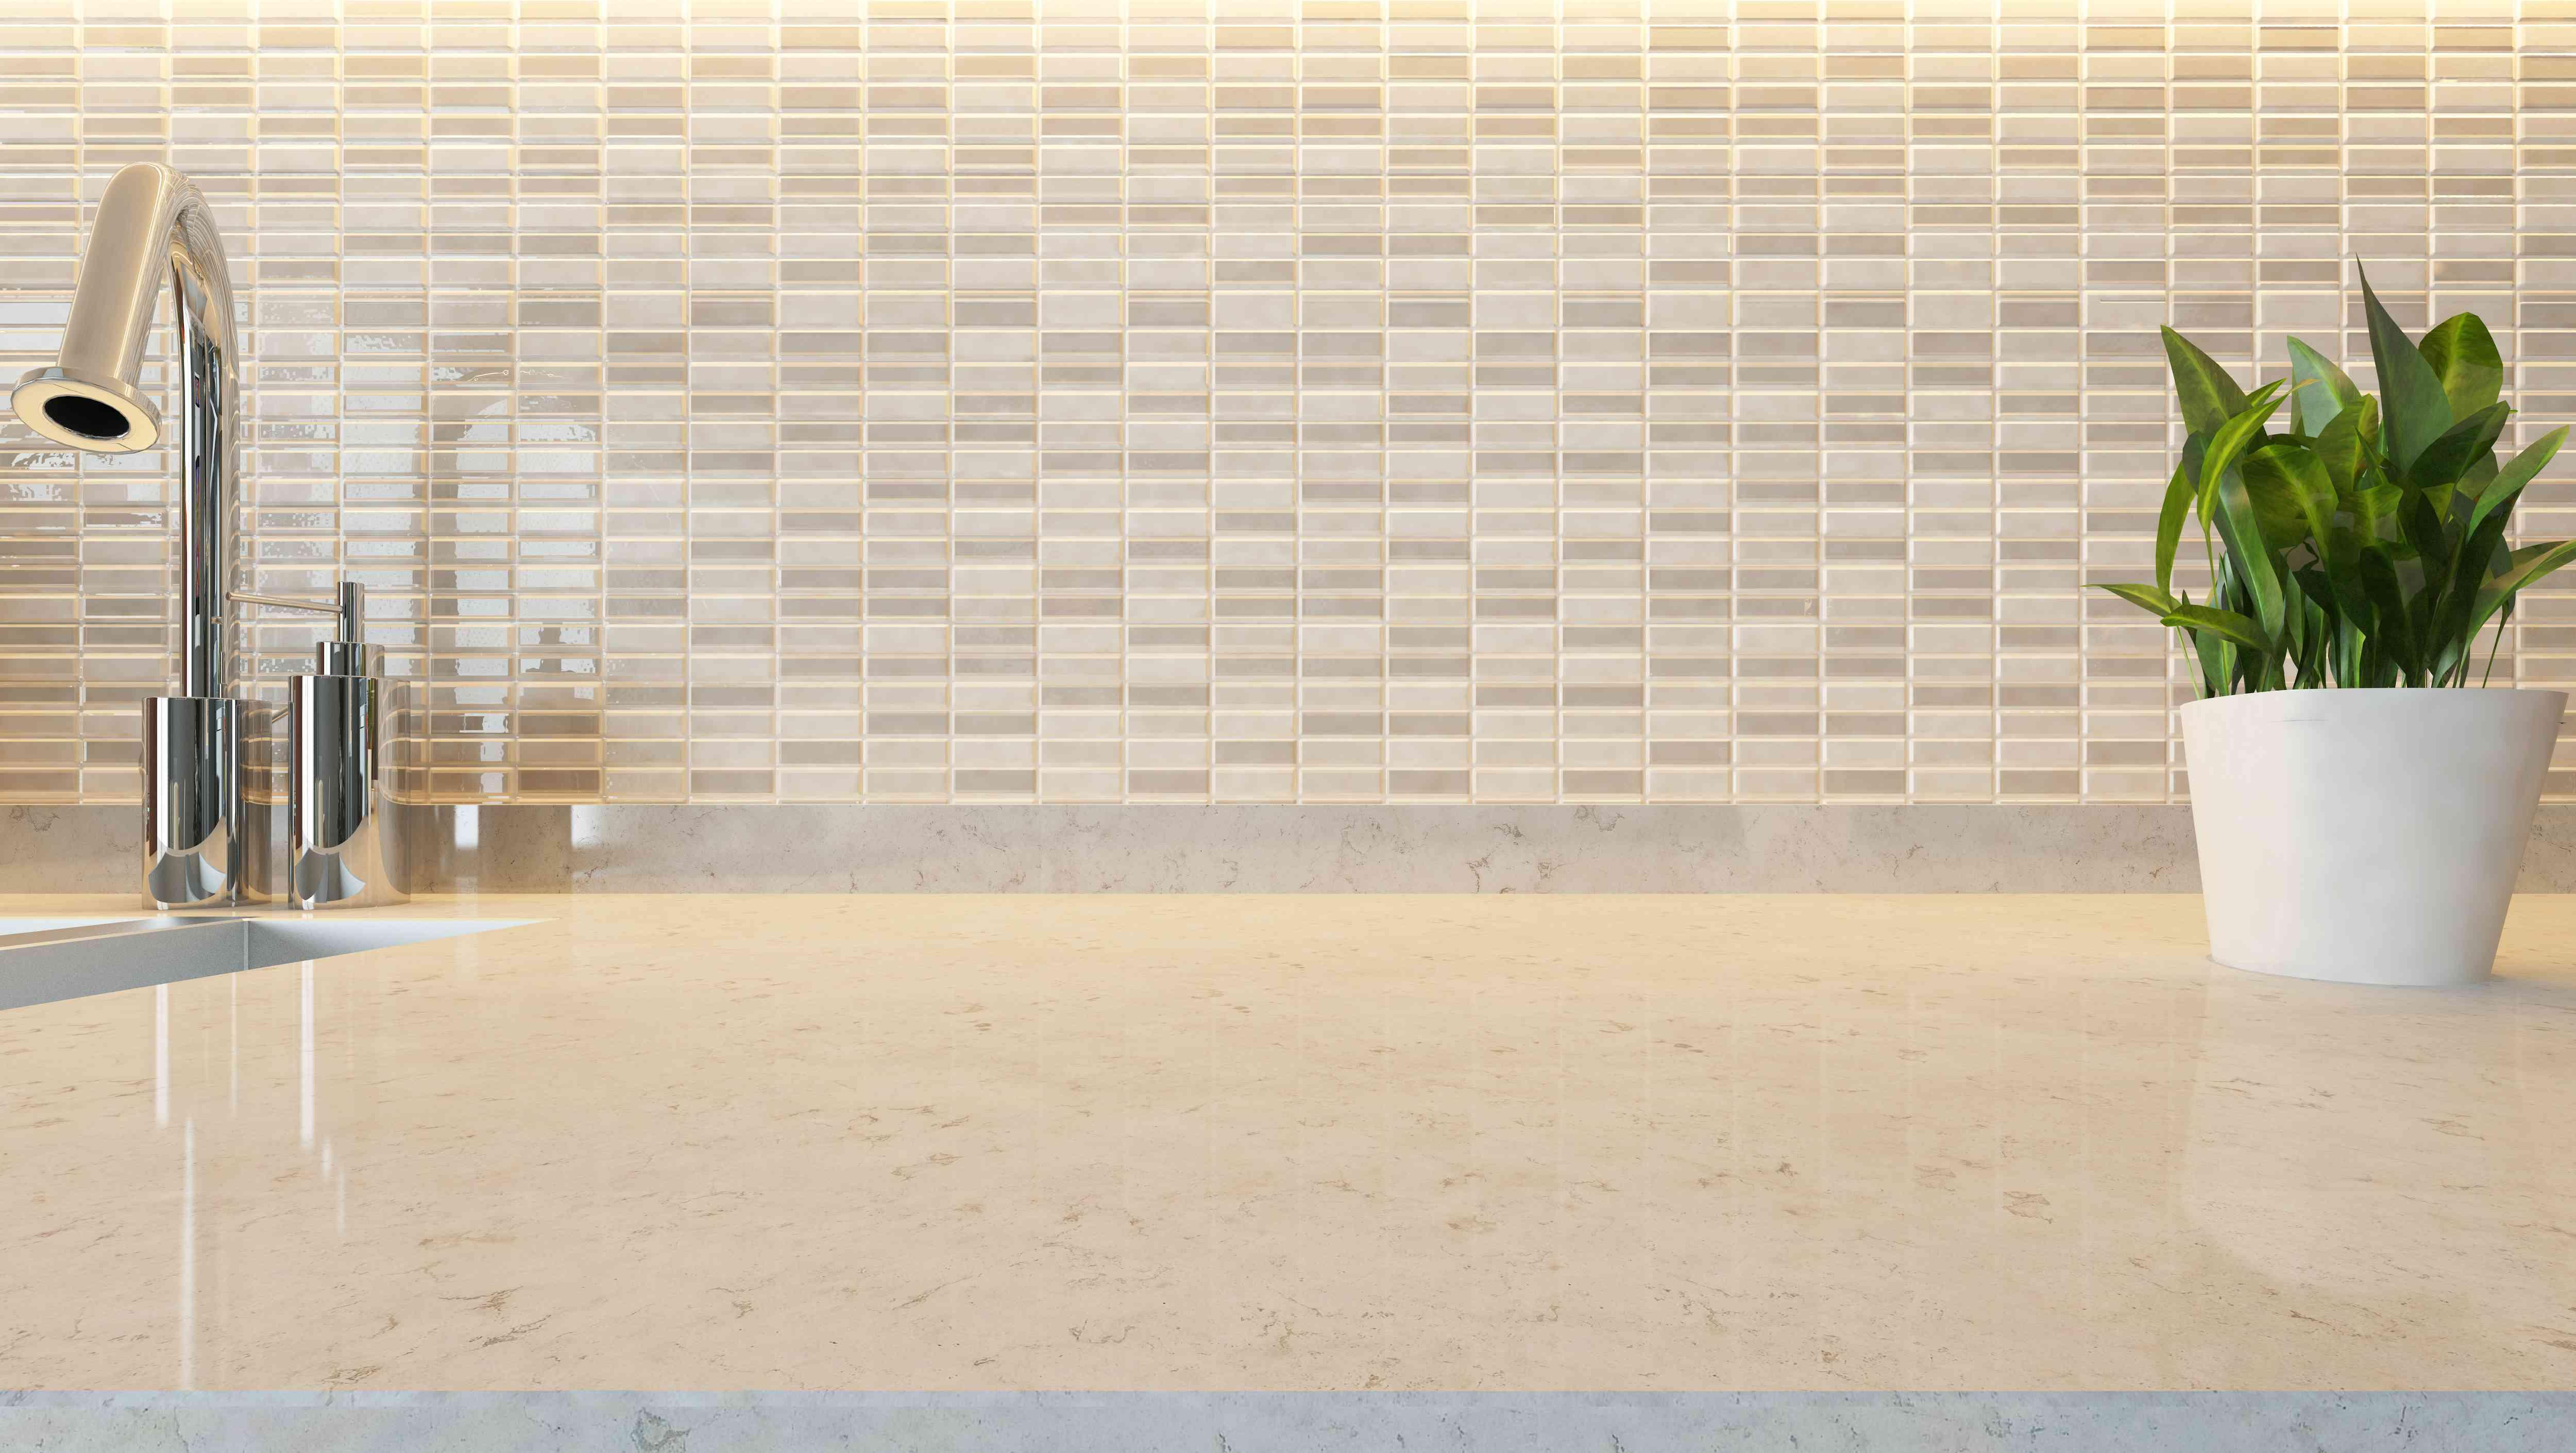 white ceramic modern kitchen design background